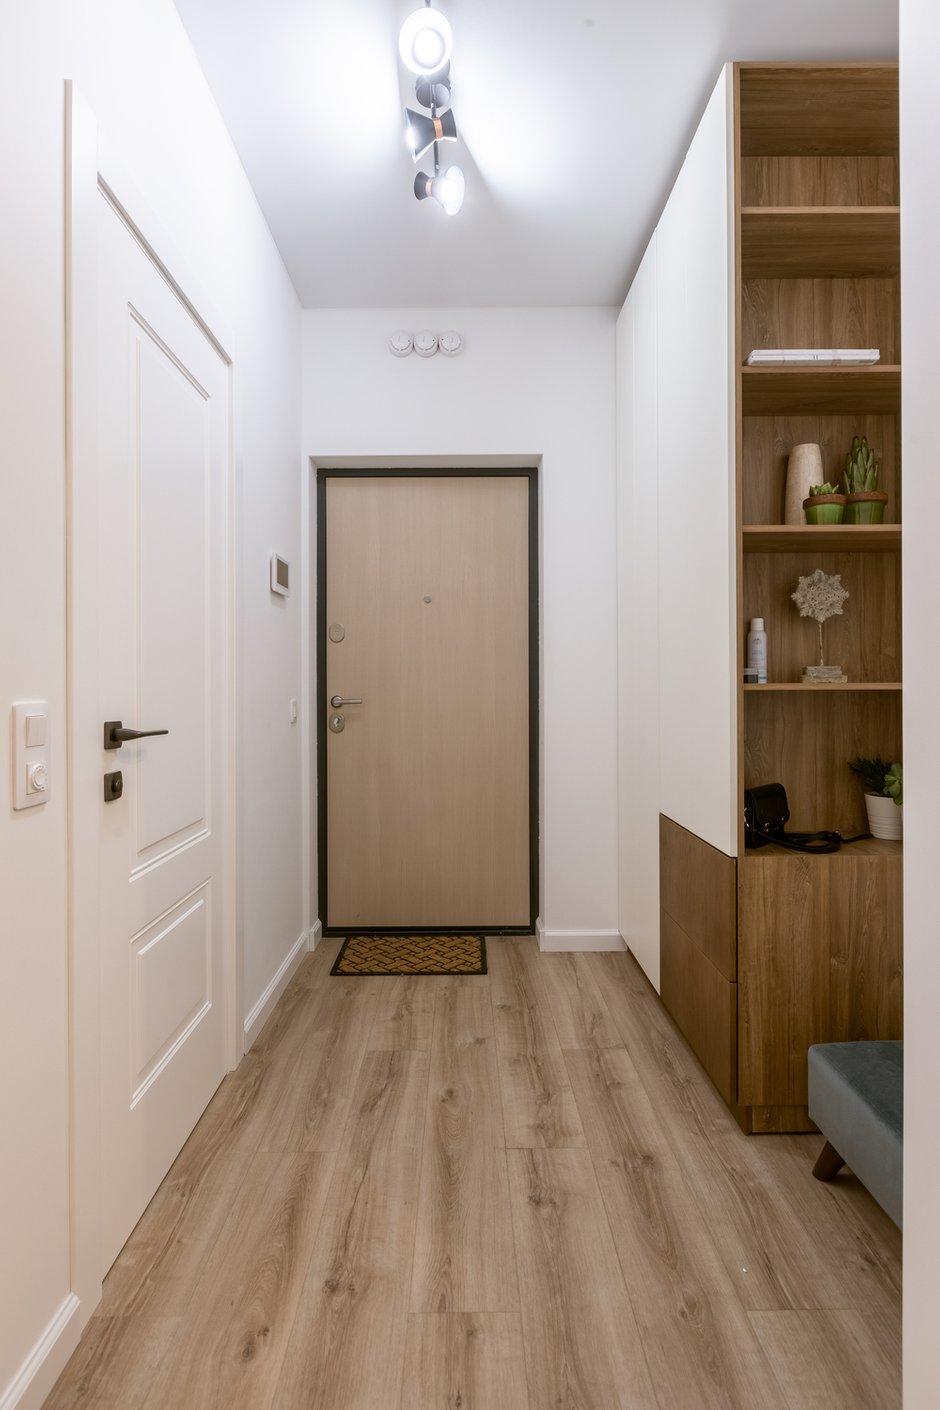 В прихожей есть вместительный шкаф для верхней одежды со встроенными в него открытыми полками, где расставили растения и предметы декора. Это создает ощущение уюта.